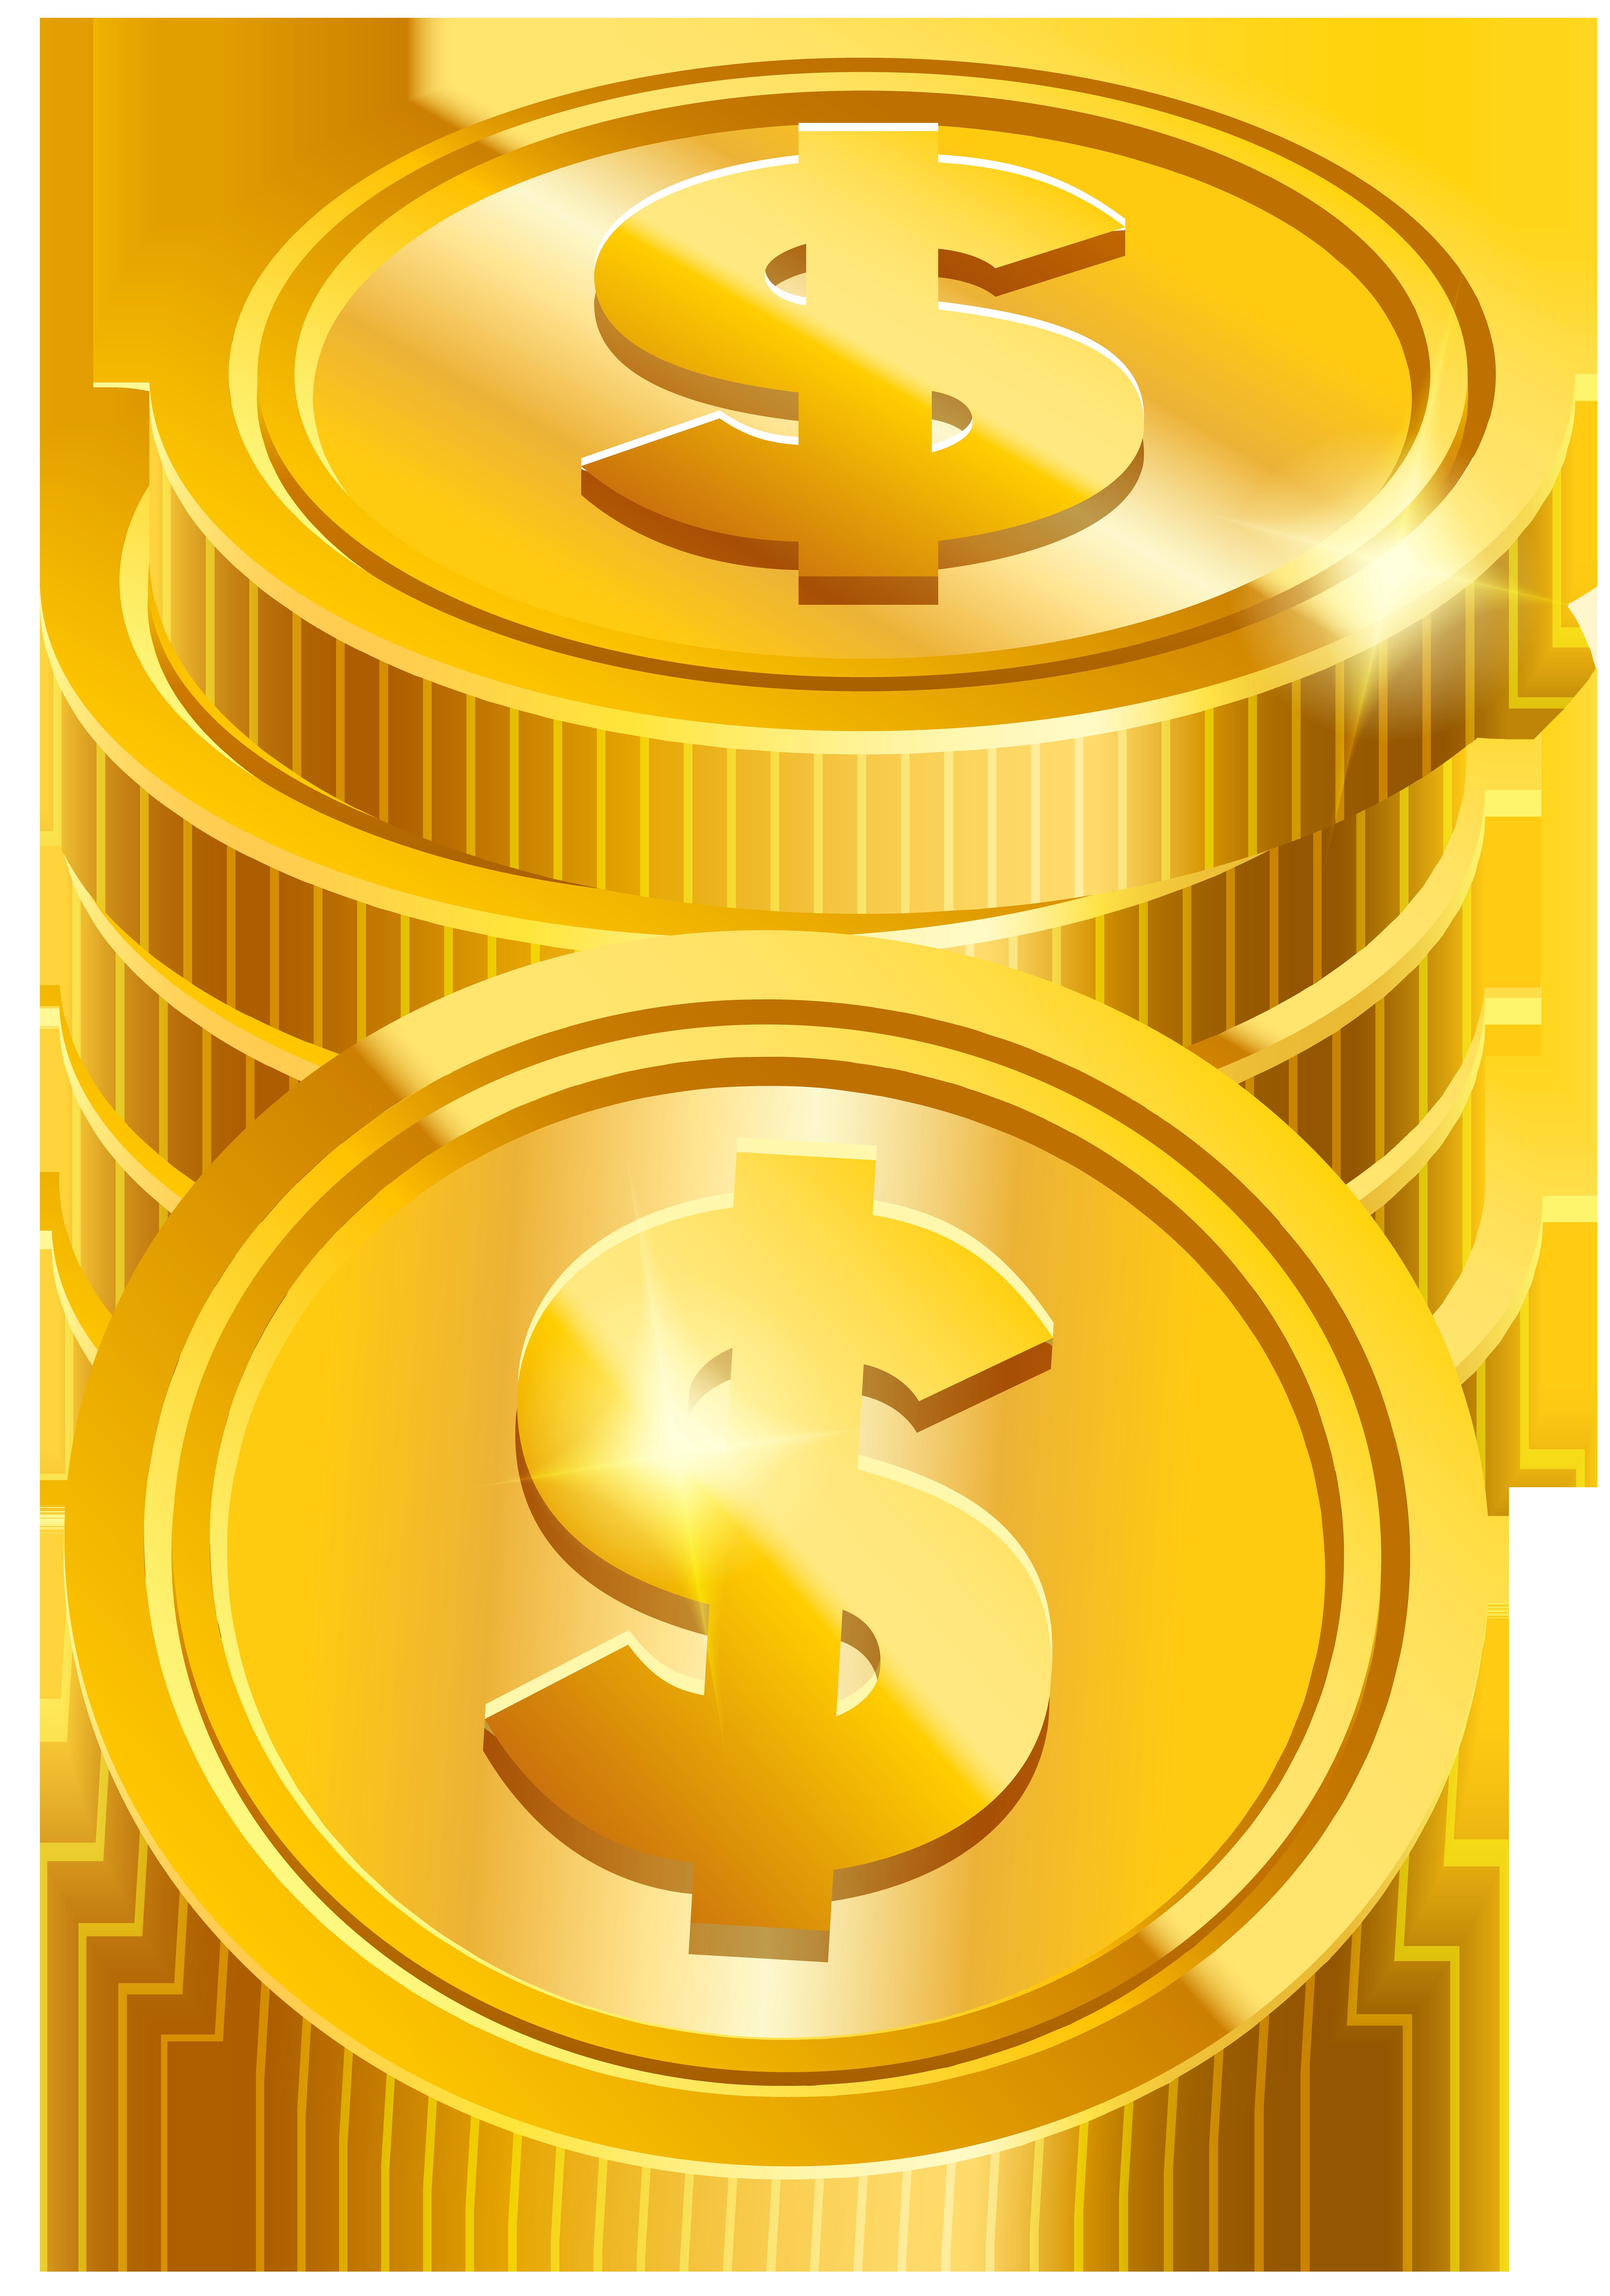 Coins Transparent PNG Clip Art Image.